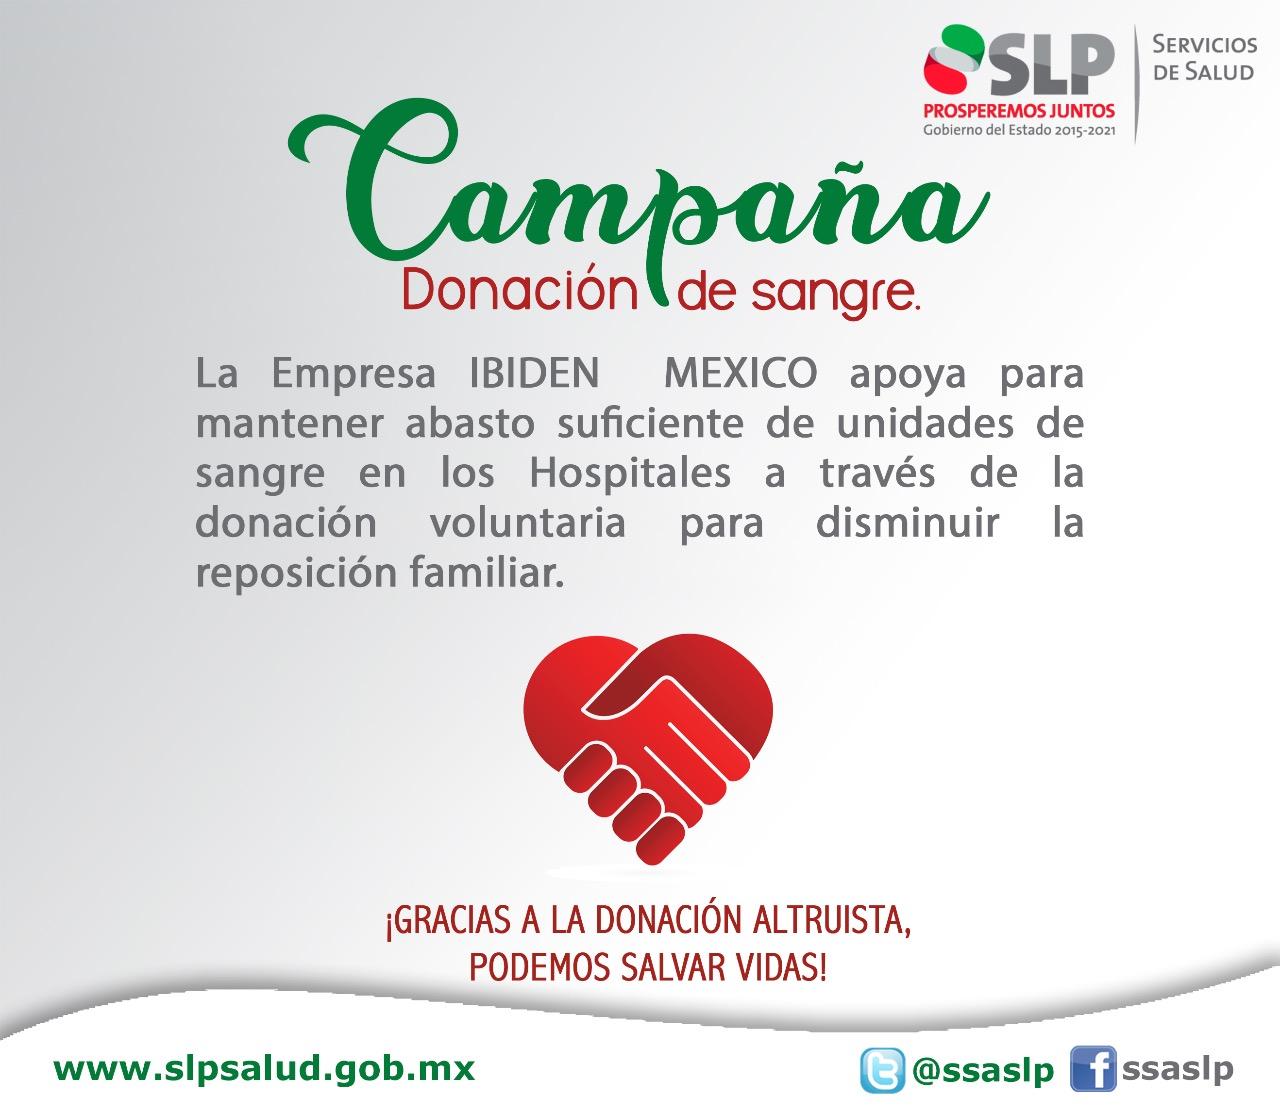 EMPRESA IBIDEN, ESTE 2018, TAMBIÉN SE UNE A LAS CAMPAÑAS DE DONACIÓN ALTRUISTA DE SANGRE: SECRETARÍA DE SALUD